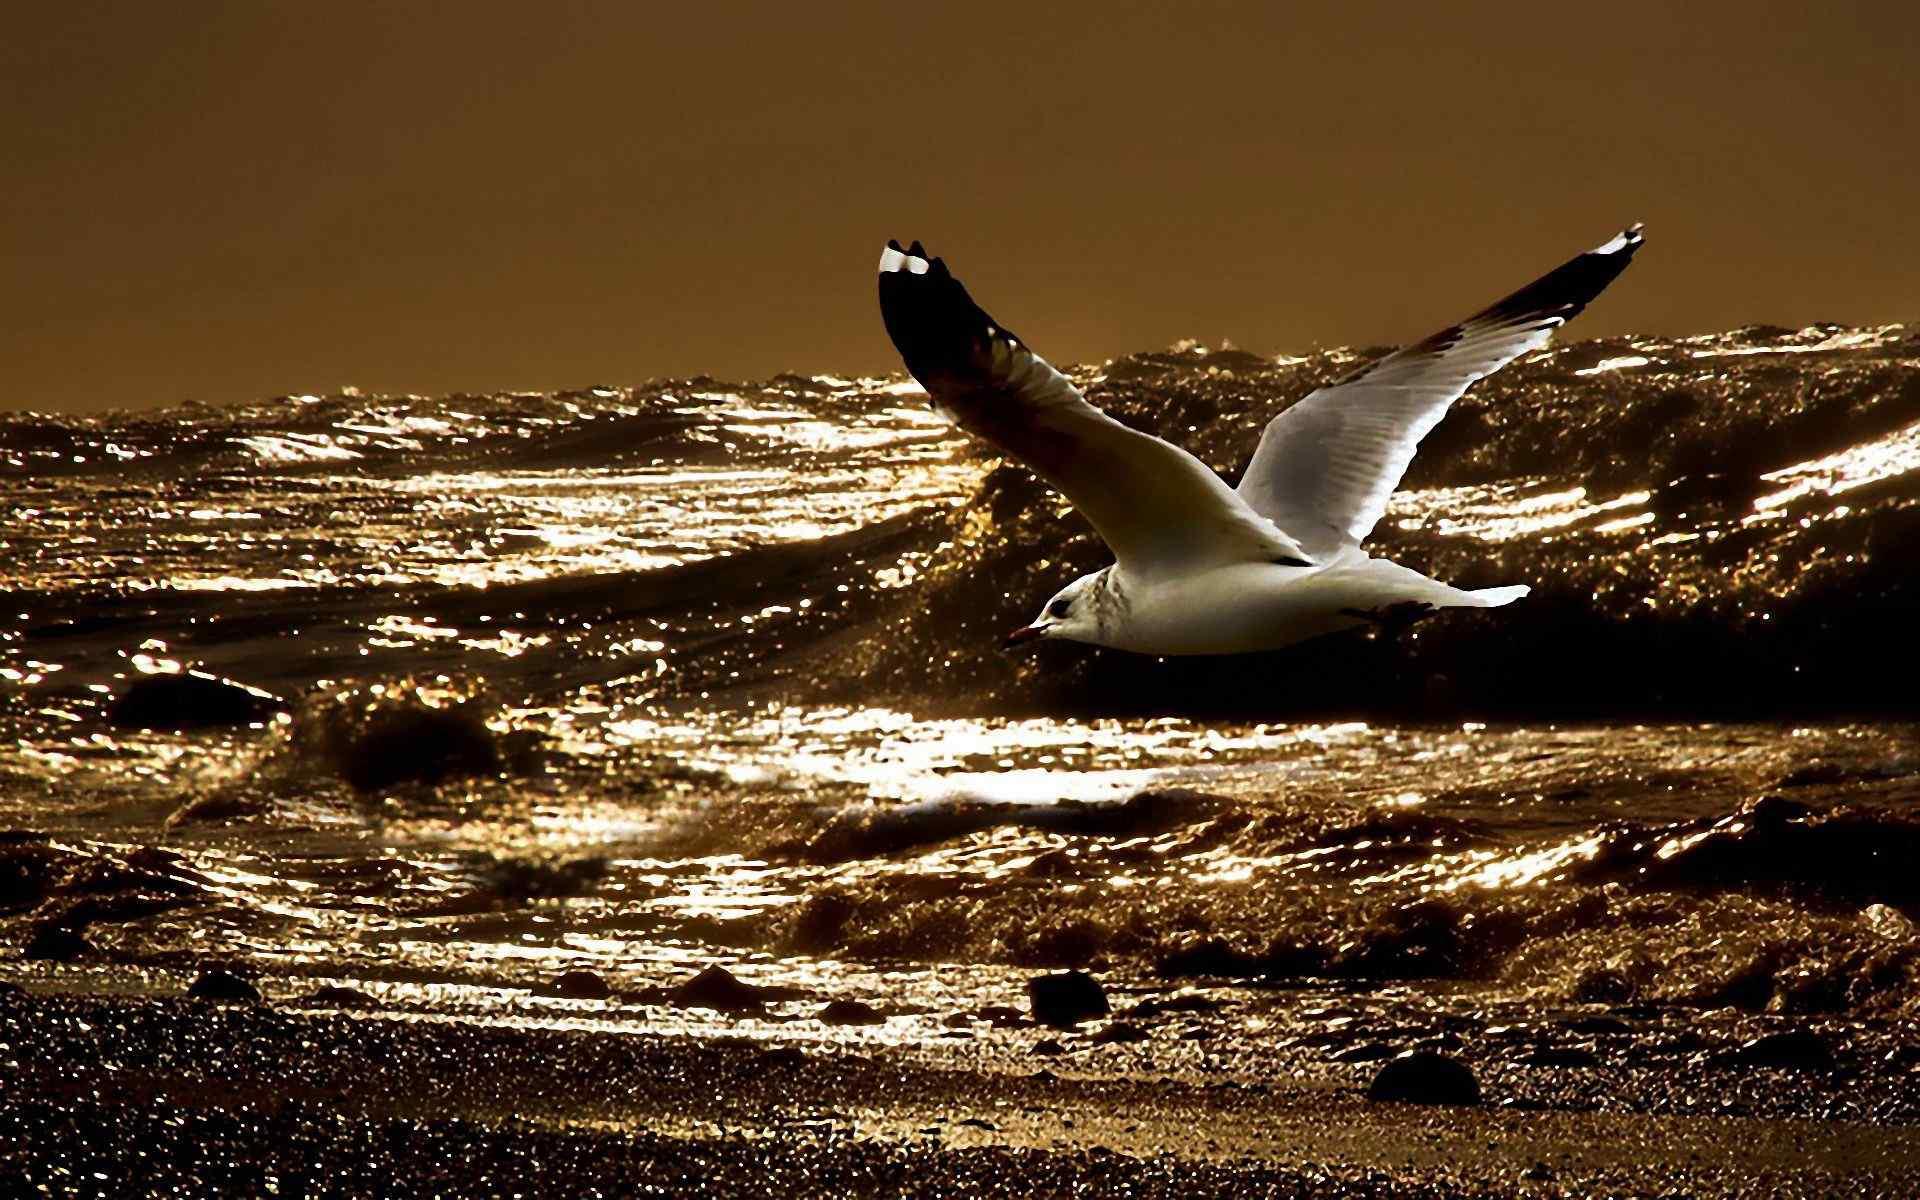 海边飞翔的海鸥唯美风景桌面高清壁纸 海鸥图片